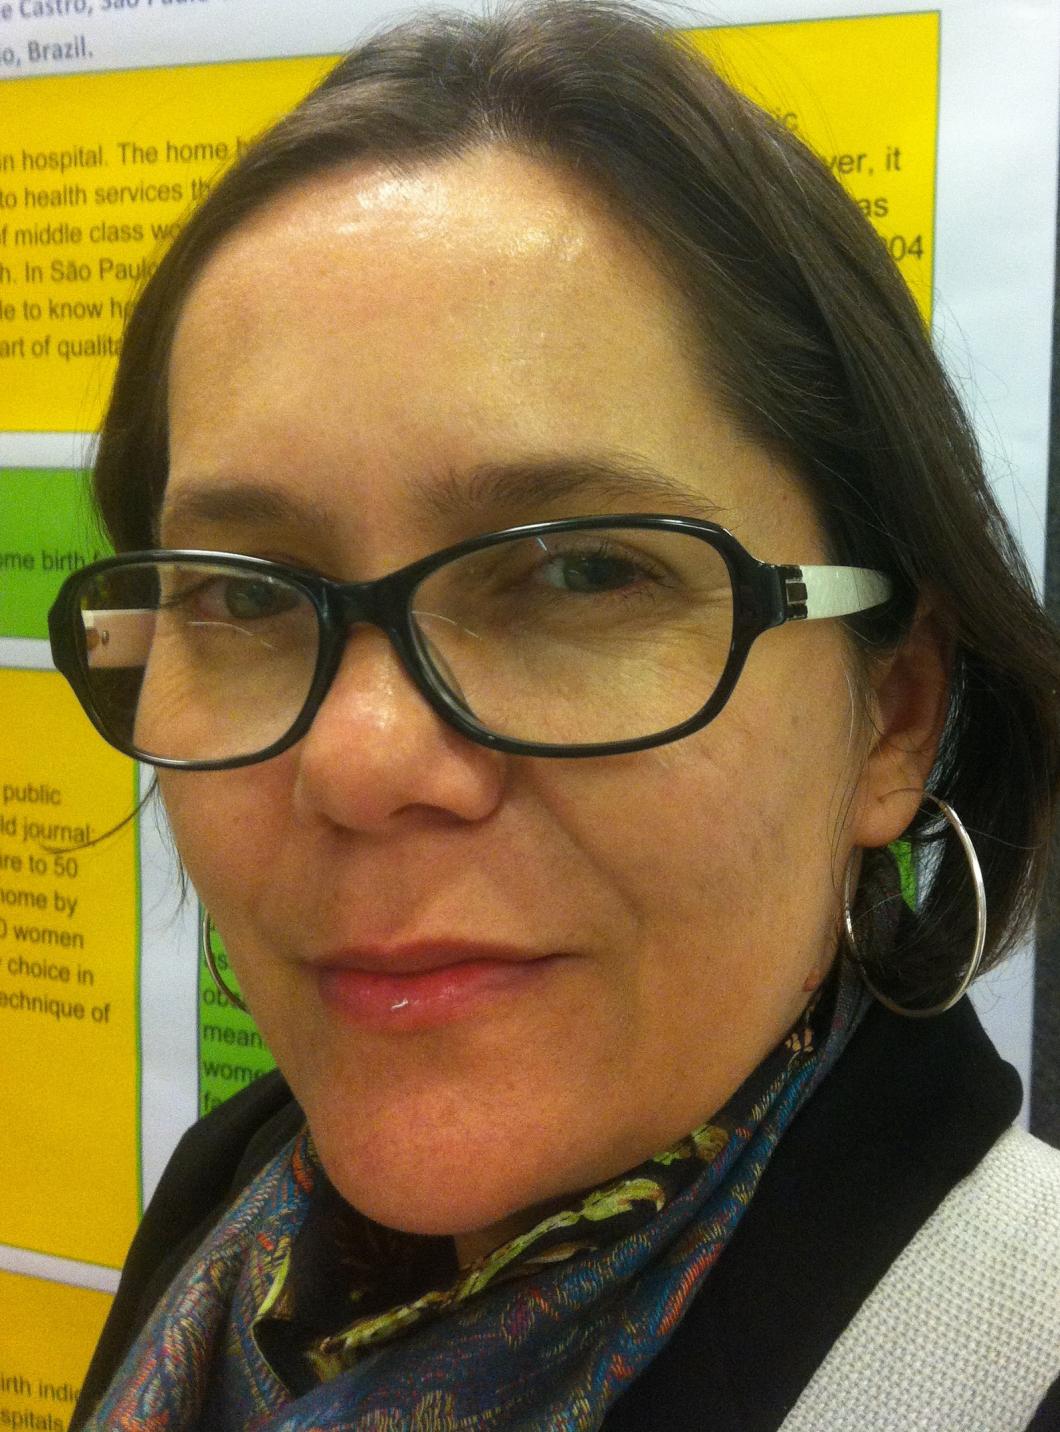 ICM Prag. Brasiliens födande kvinnor kränks på sjukhusen